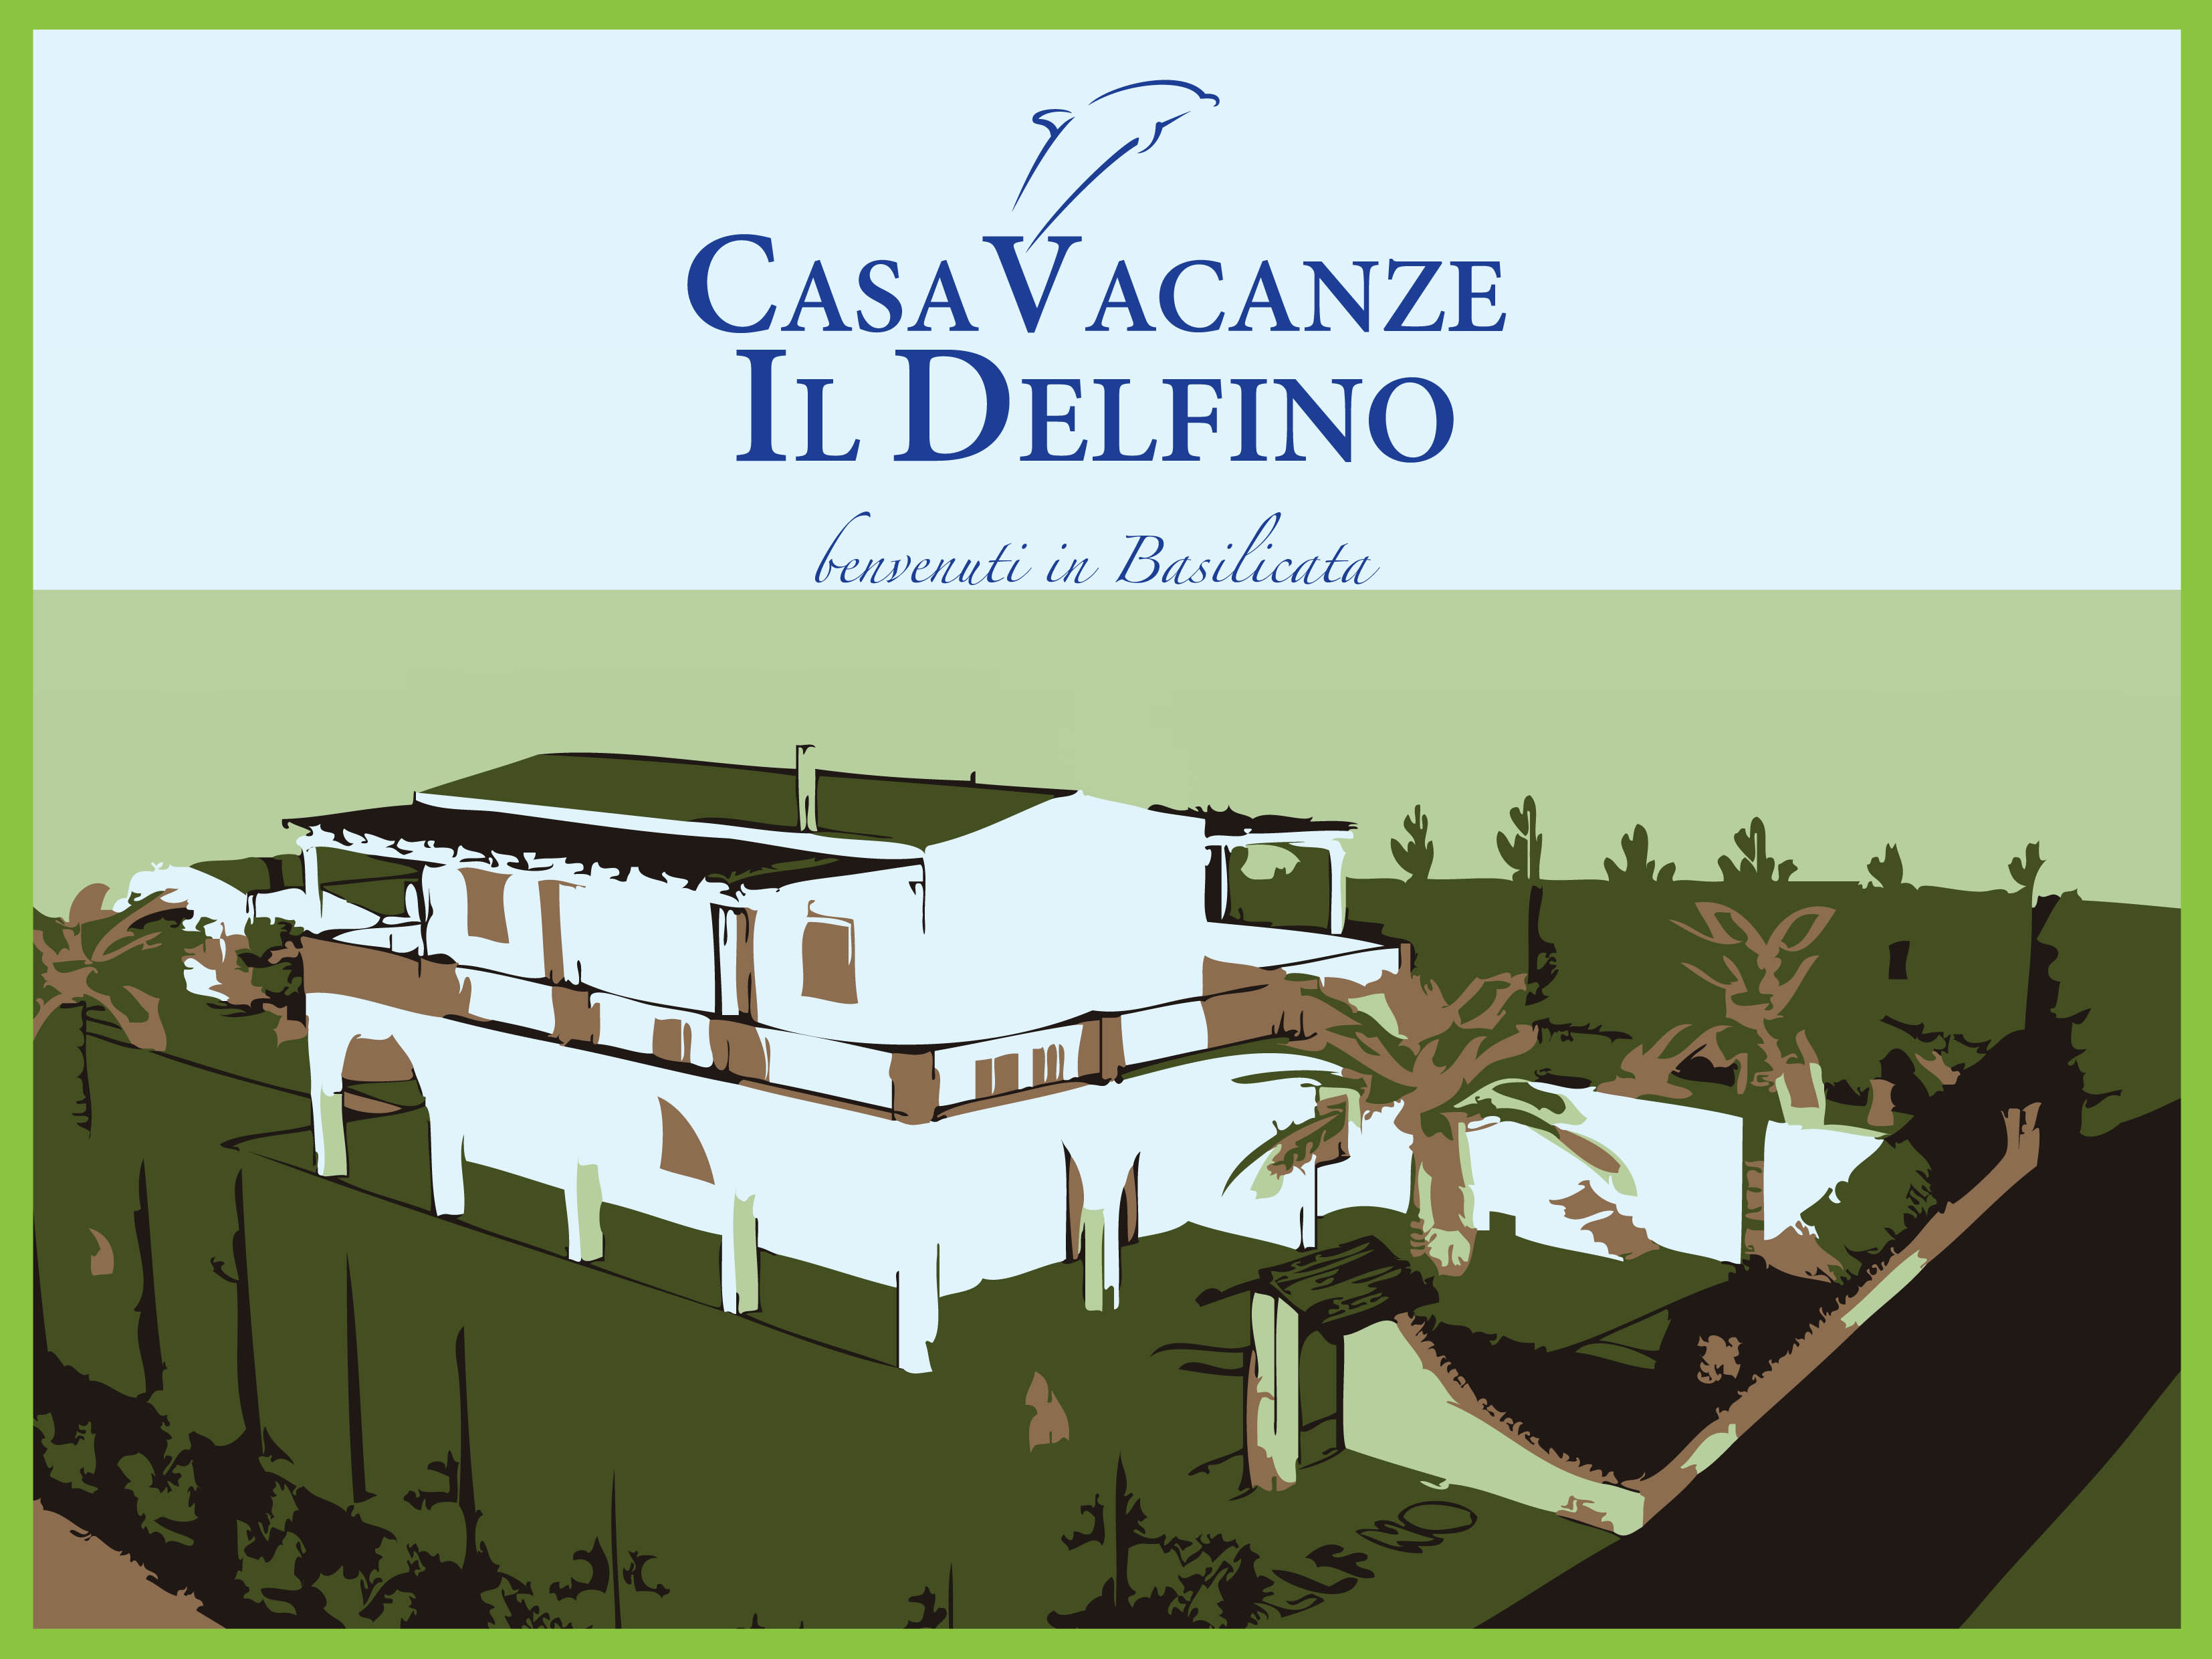 b & b casa vacanze il delfino caporotondo pisticci marconia vi dà il benvenuto in basilicata lucania sud italia